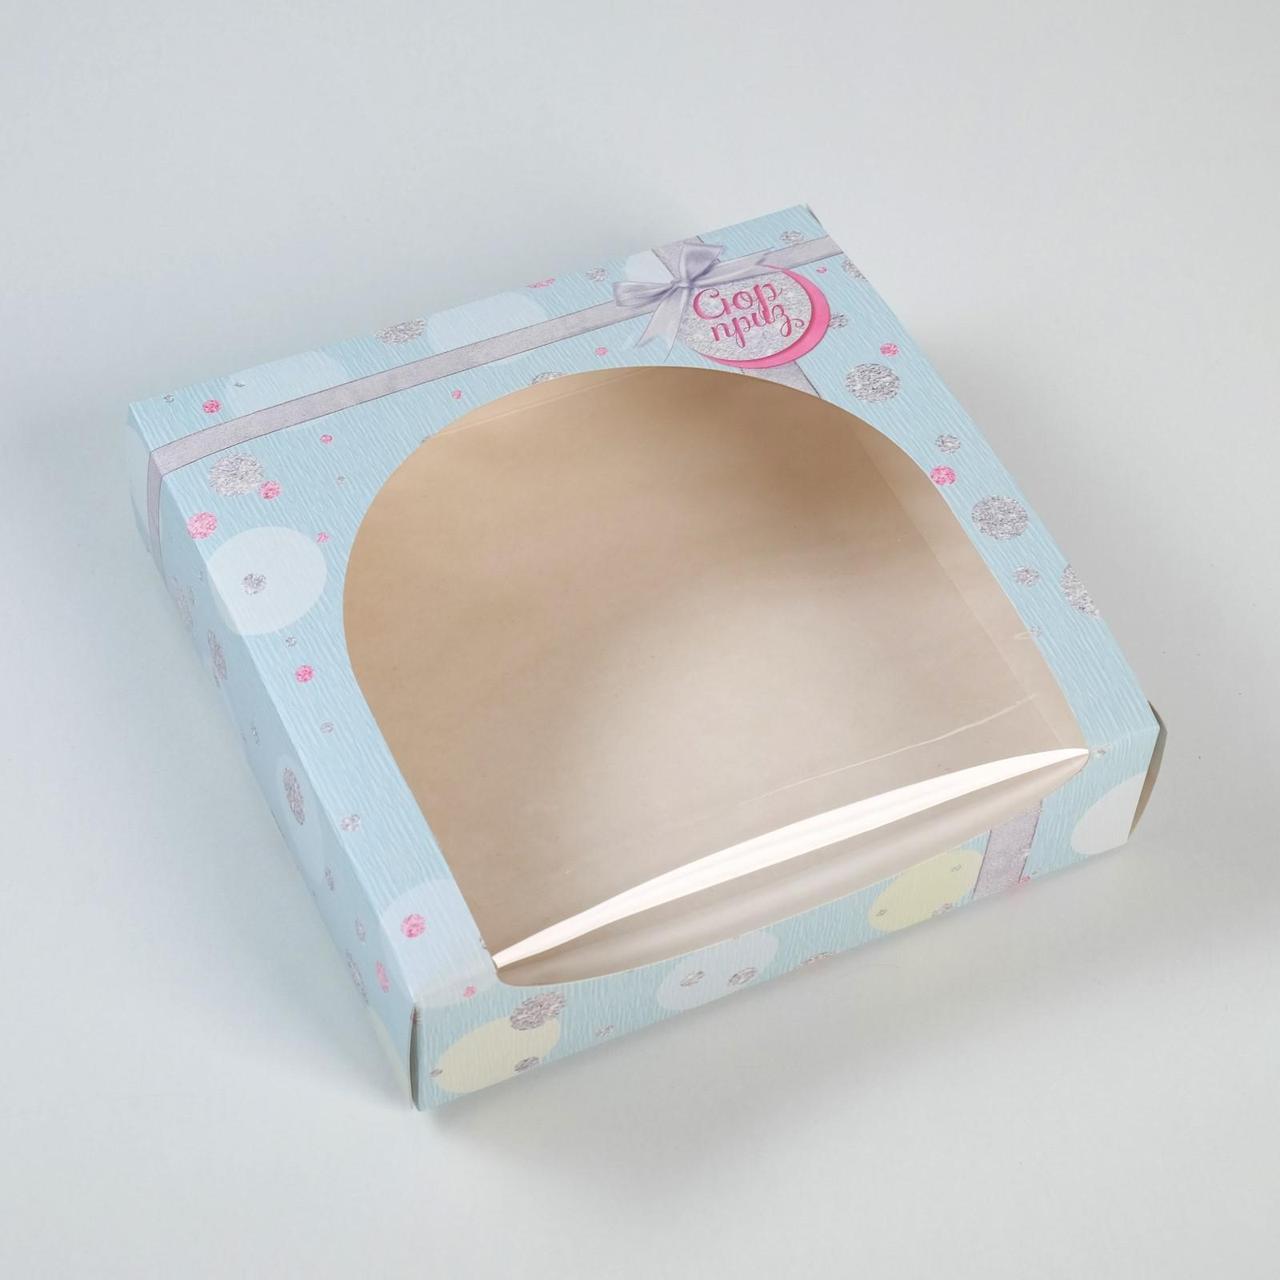 Коробка складная «Сюрприз», 20 х 20 х 5 см - фото 1